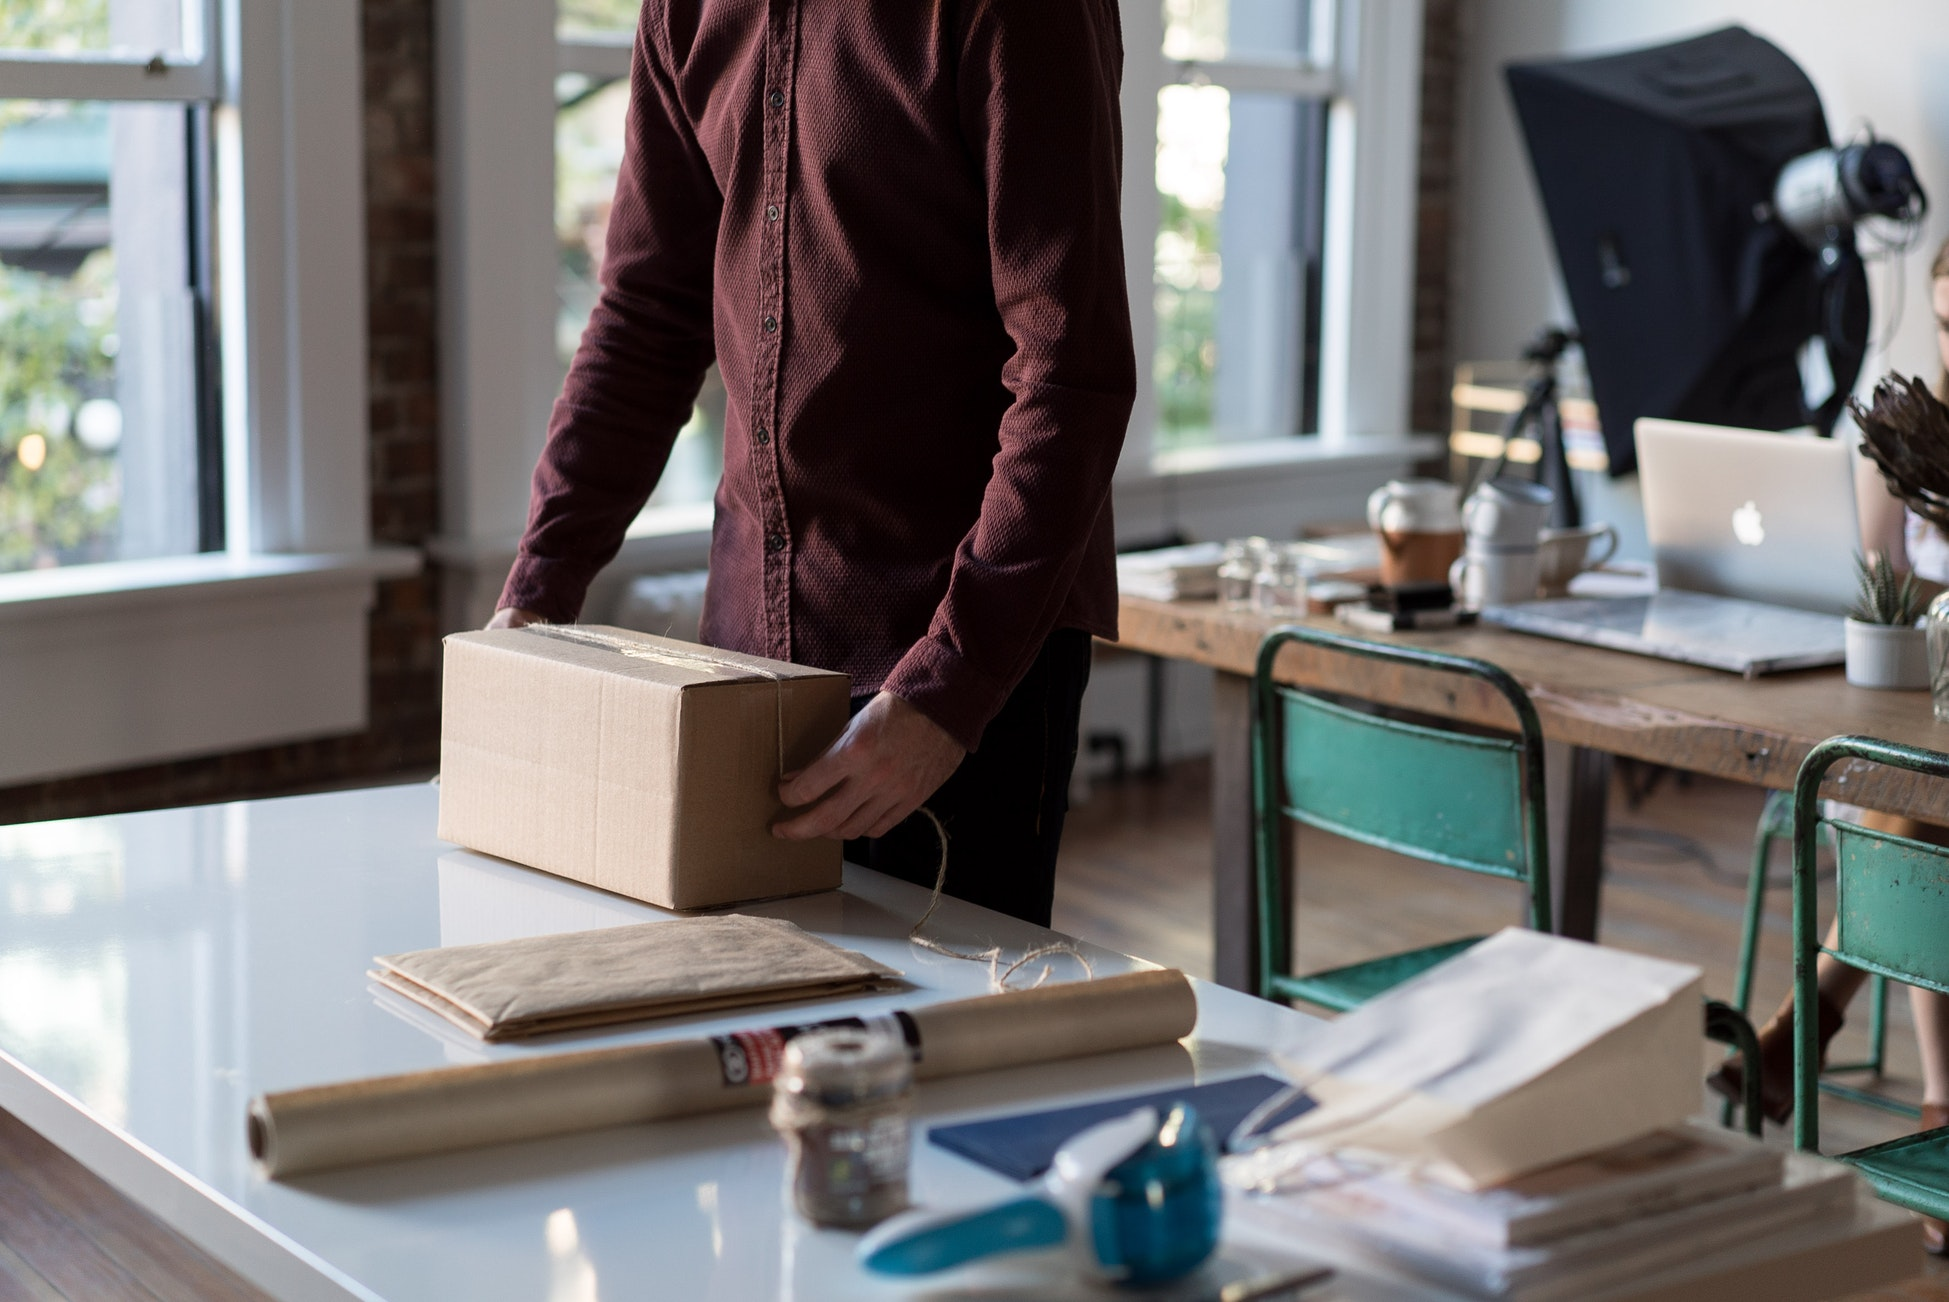 Geschenke verpacken – wie macht man es richtig